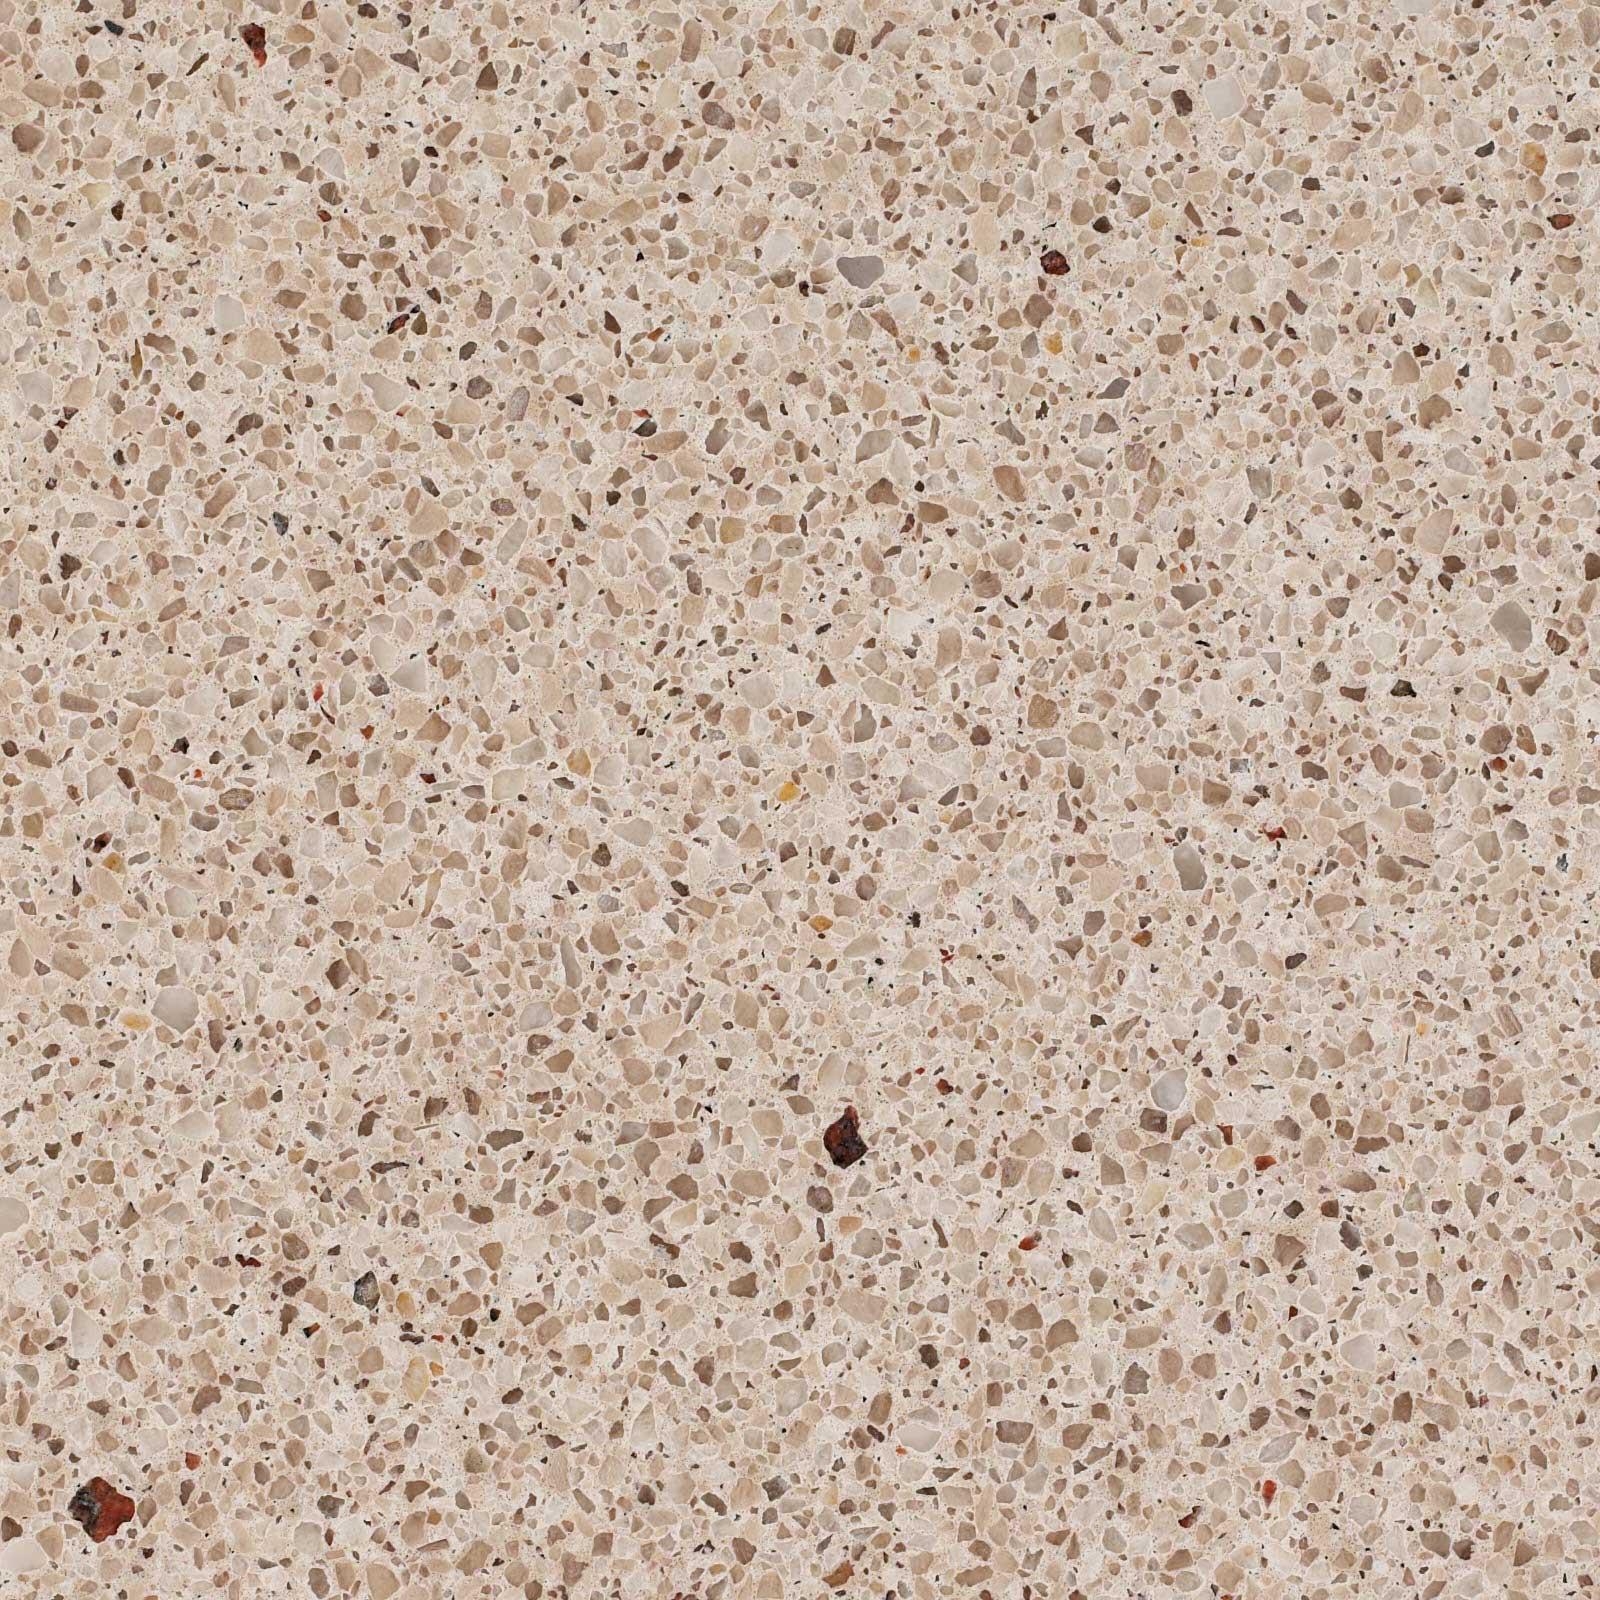 quartz countertops omaha kitchen quartz countertops omaha u003eu003e quartzite colors cost care daltile autos post top car models and price 2019 2020